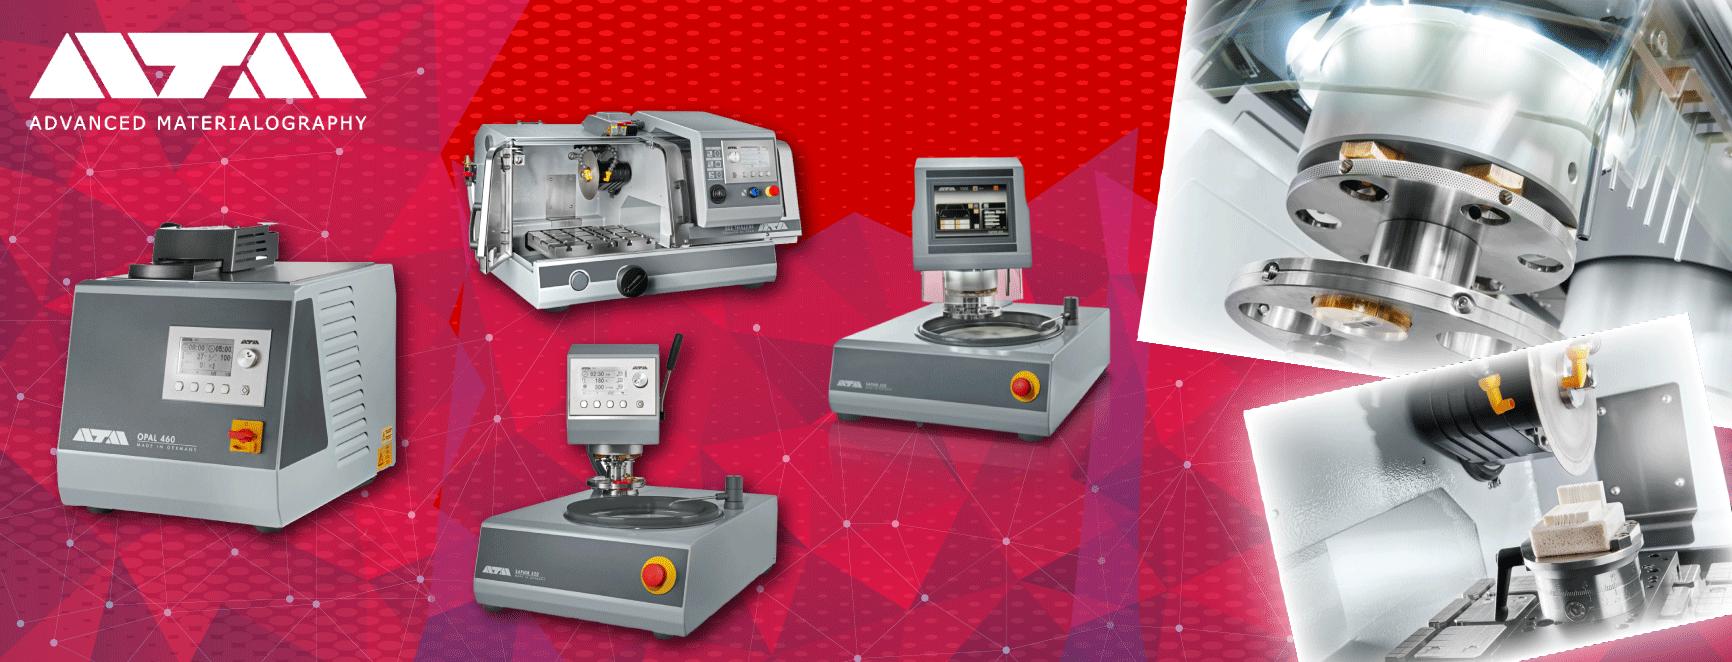 高い品質と柔軟性を誇るATM最先端装置をご利用下さい